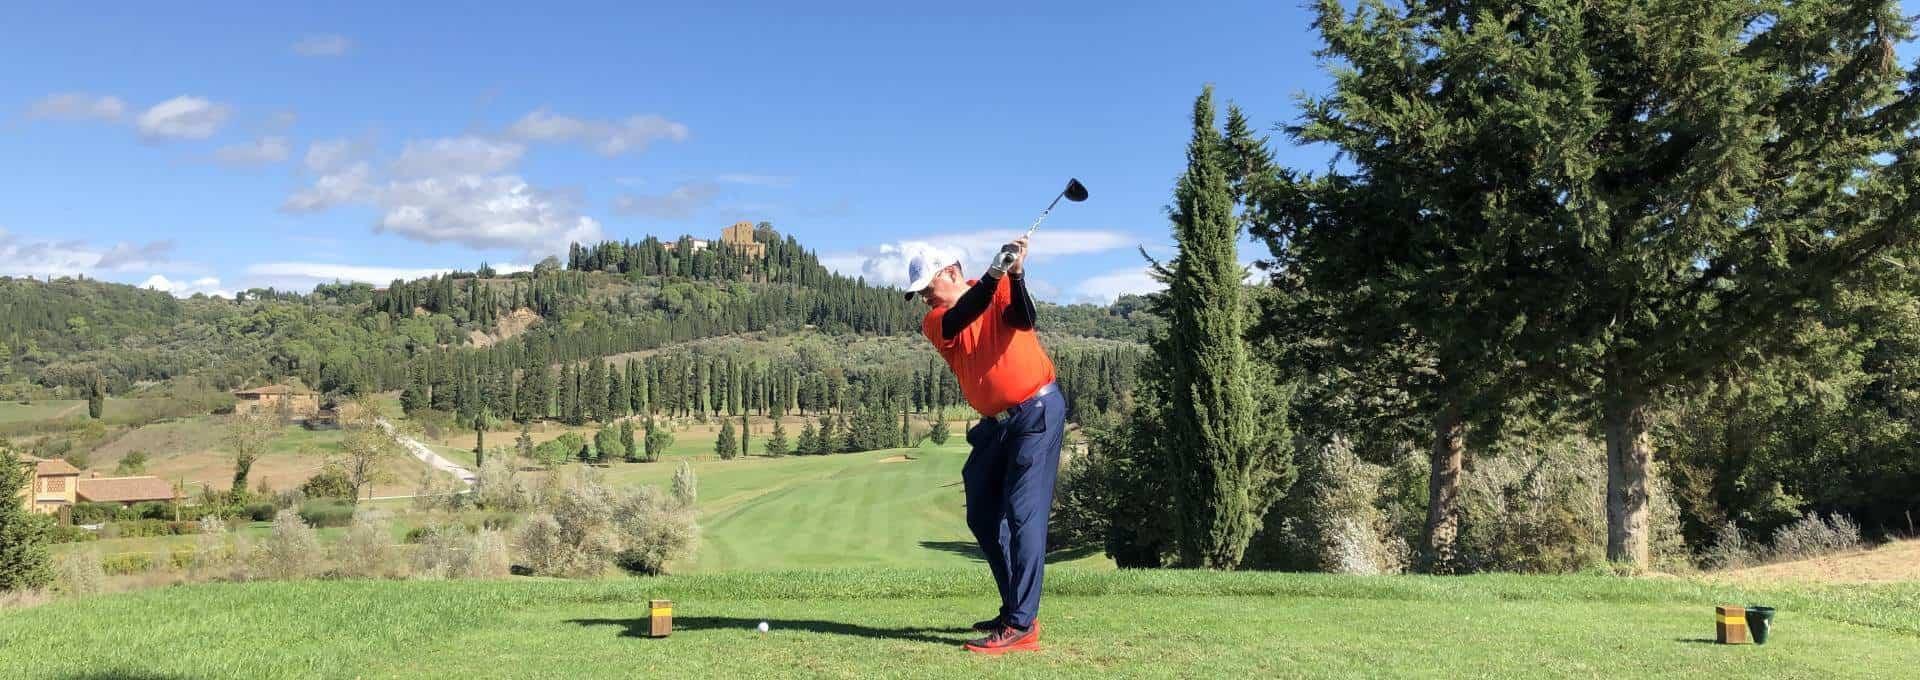 Golfschlag Performance messen mit iPhone